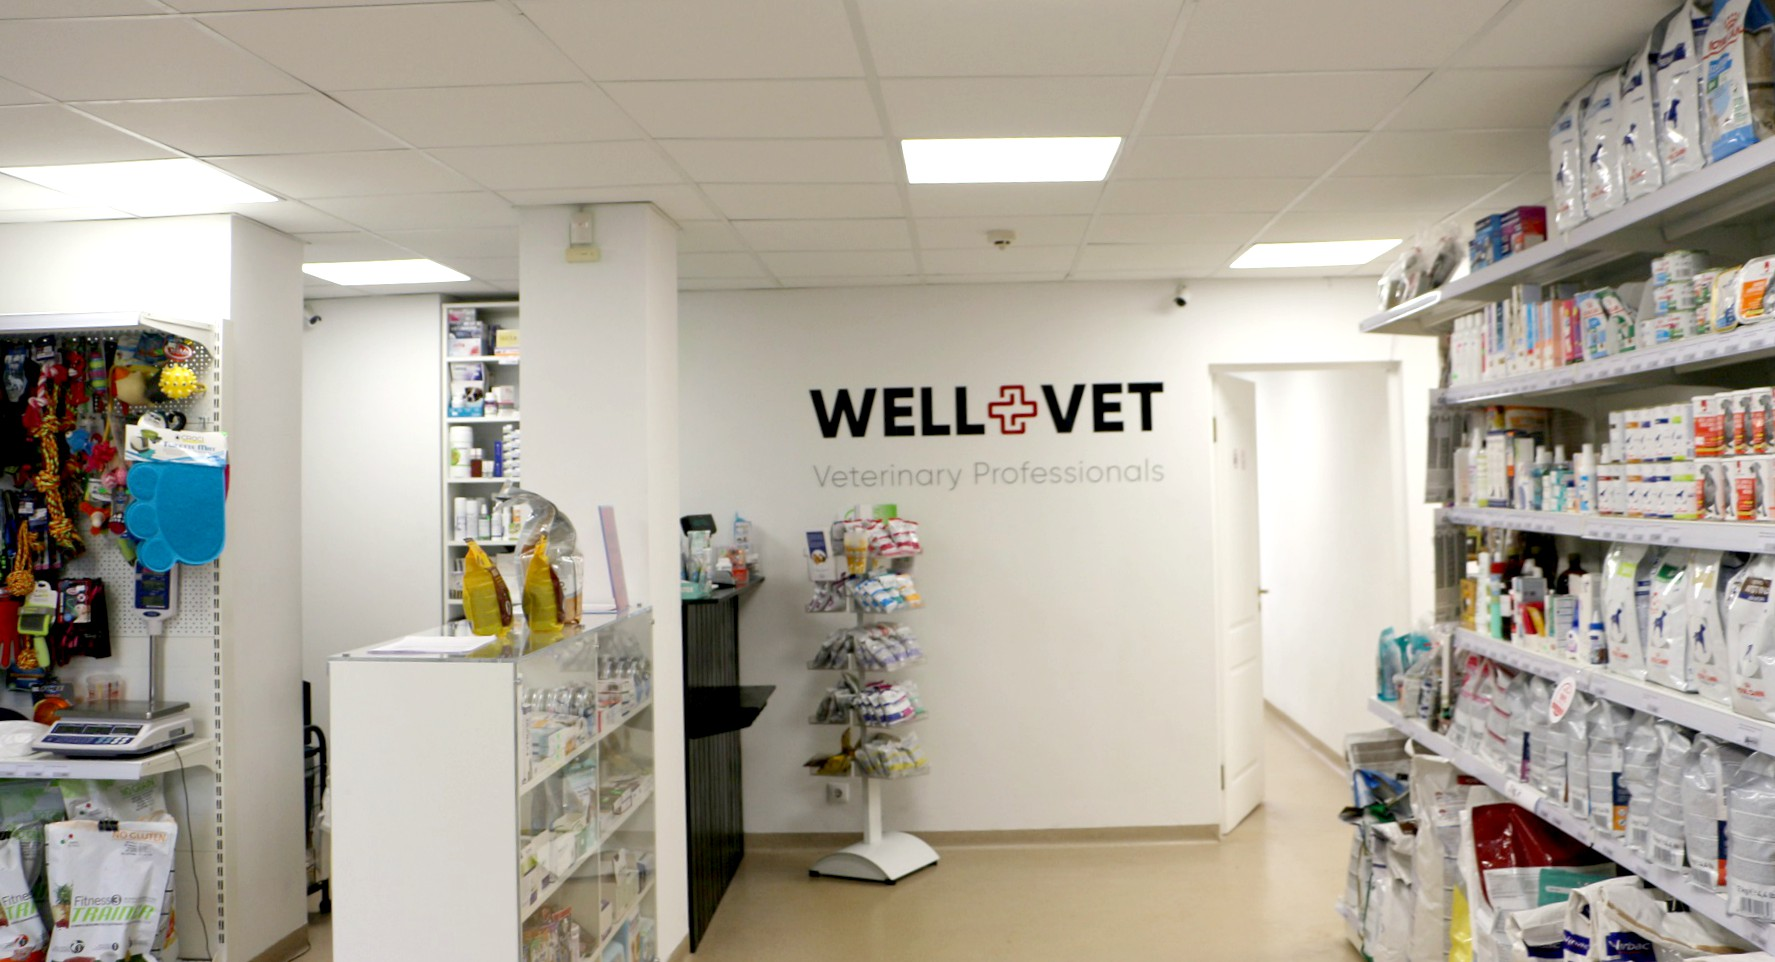 """Kėdainiečiams puikiai žinoma klinika """"Kėdainių veterinarija"""" įsikūrusi Gegučių gatvėje, nuo šiol lankytojus pasitinka nauju pavadinimu – """"Well-vet"""". / K. Mirvienės nuotr."""